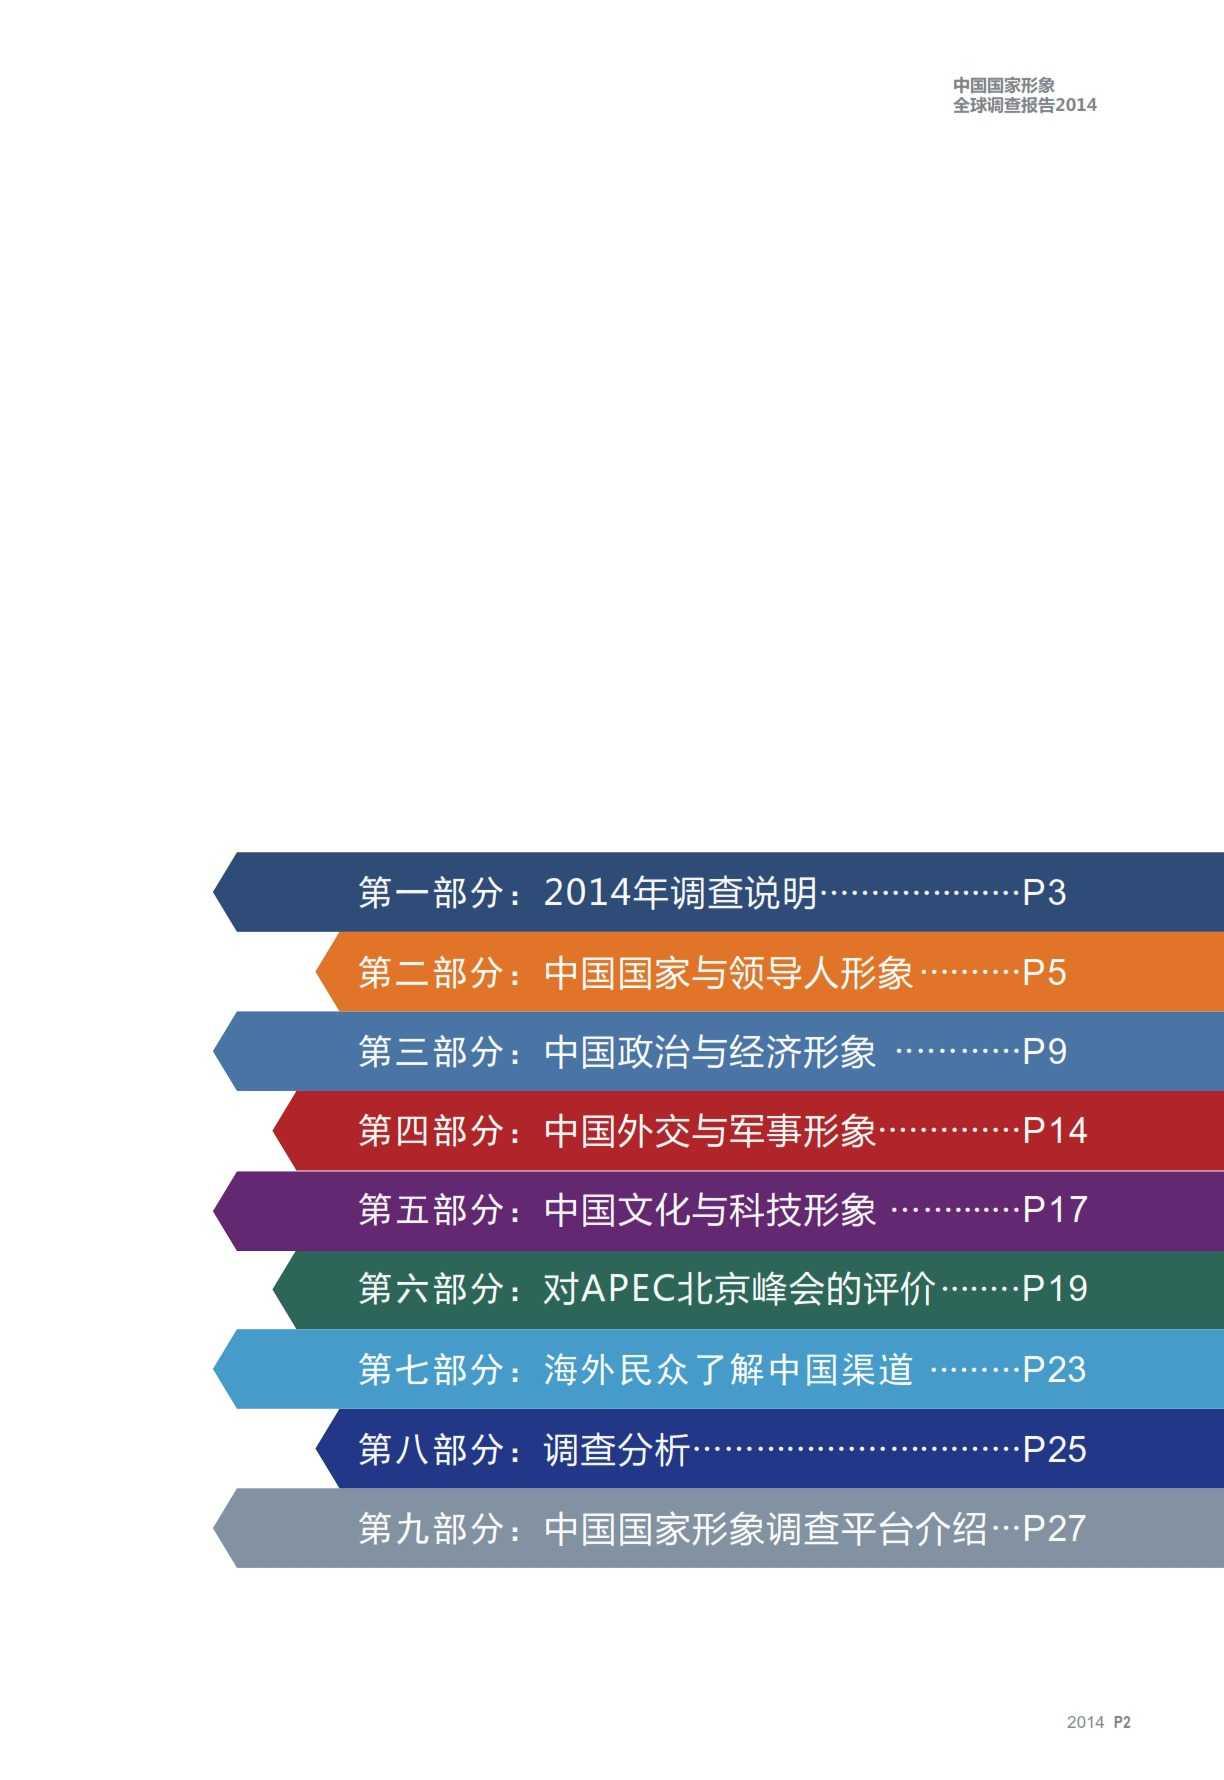 2014中国国家形象全球调查报告-v17_002